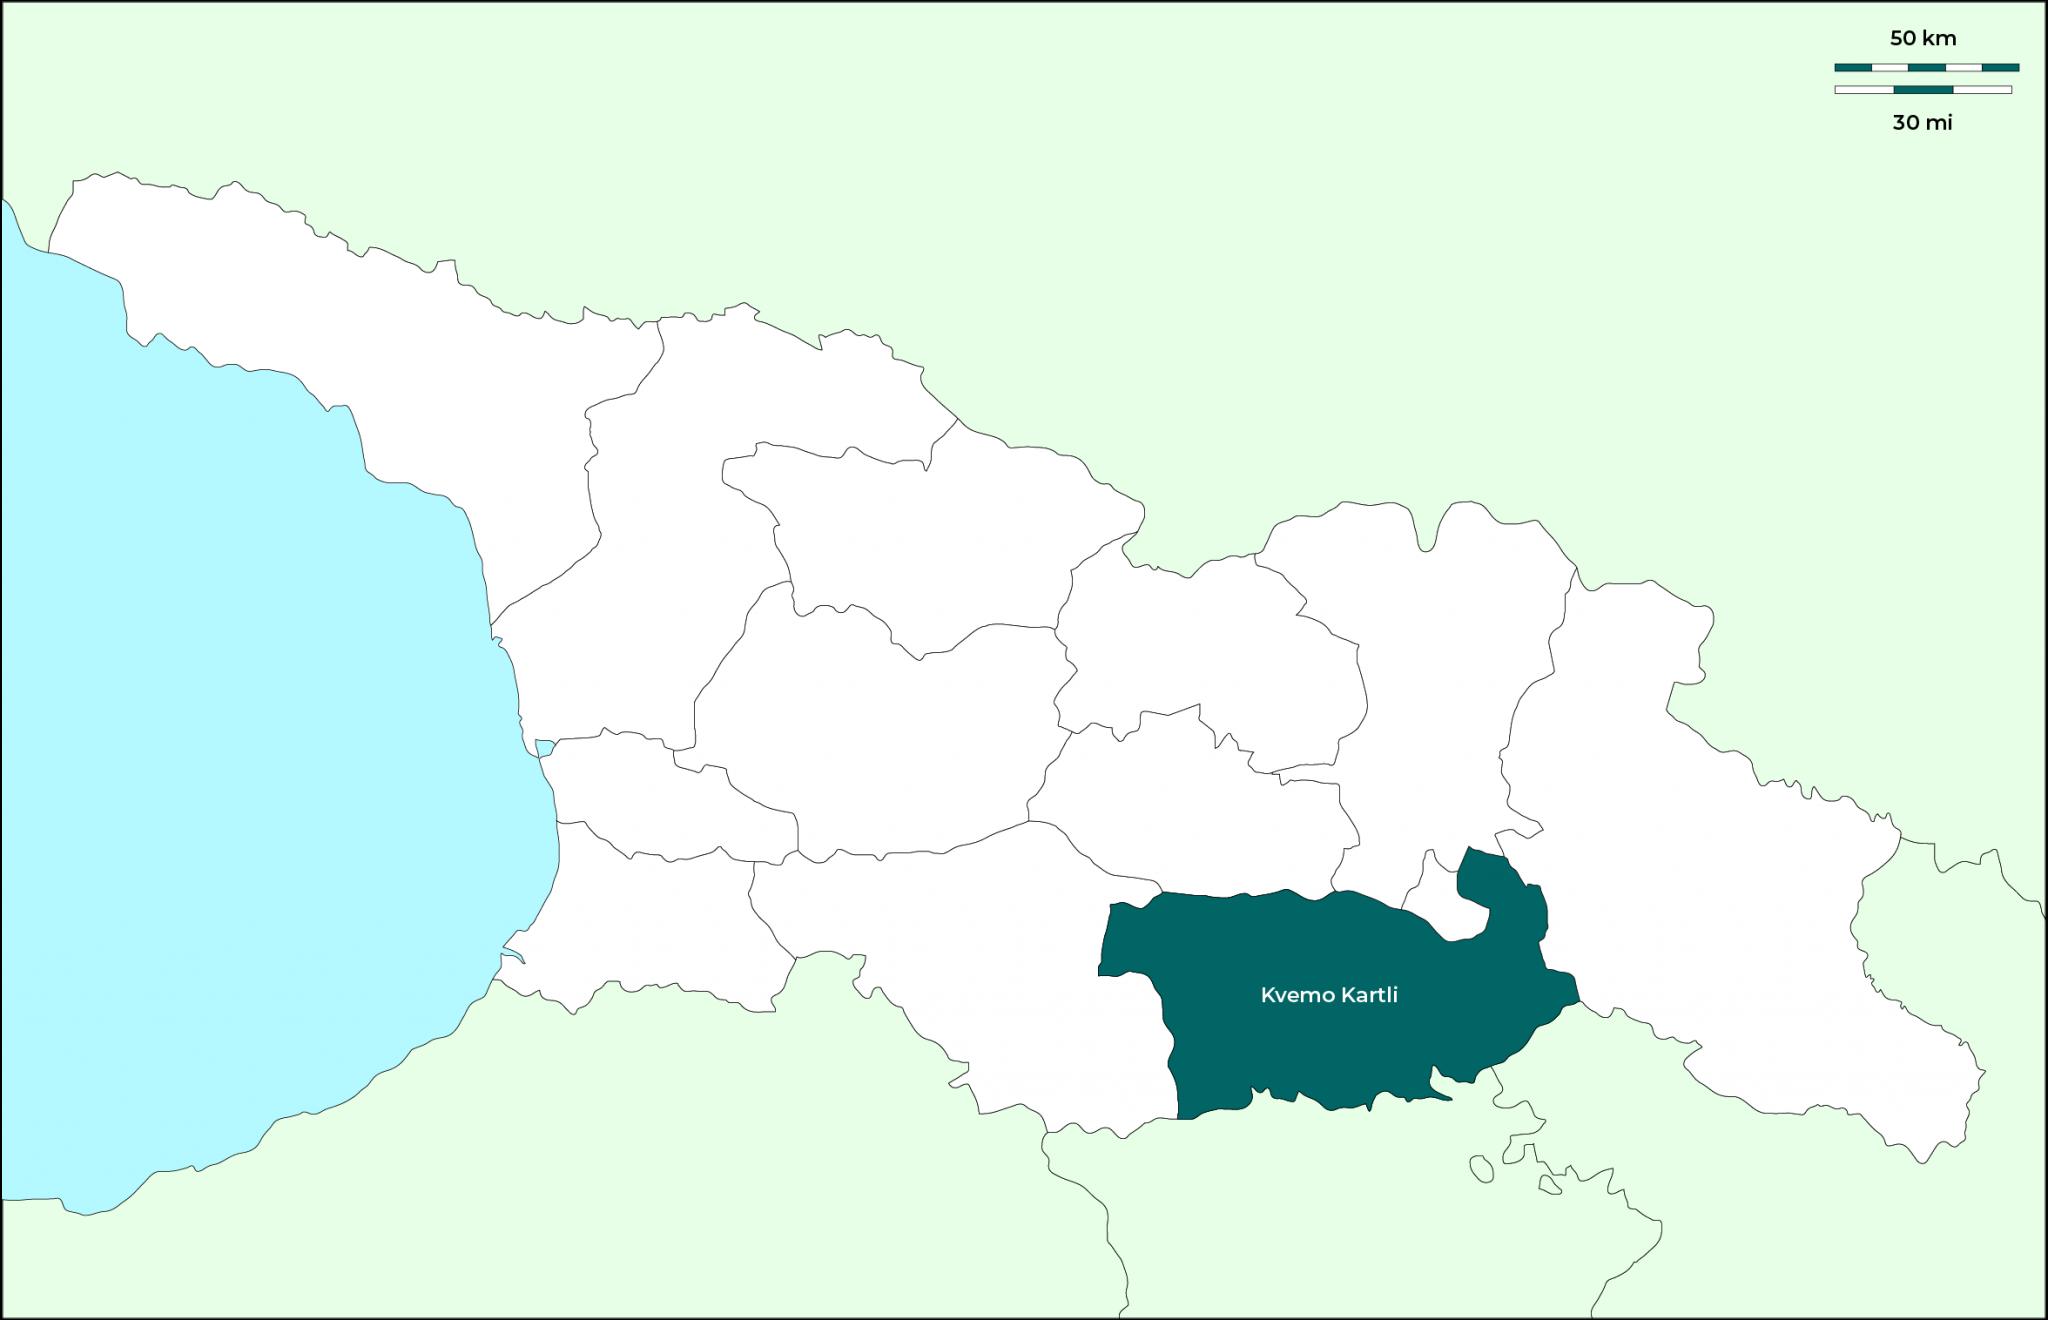 Región de Kvemo Kartli: Mapa